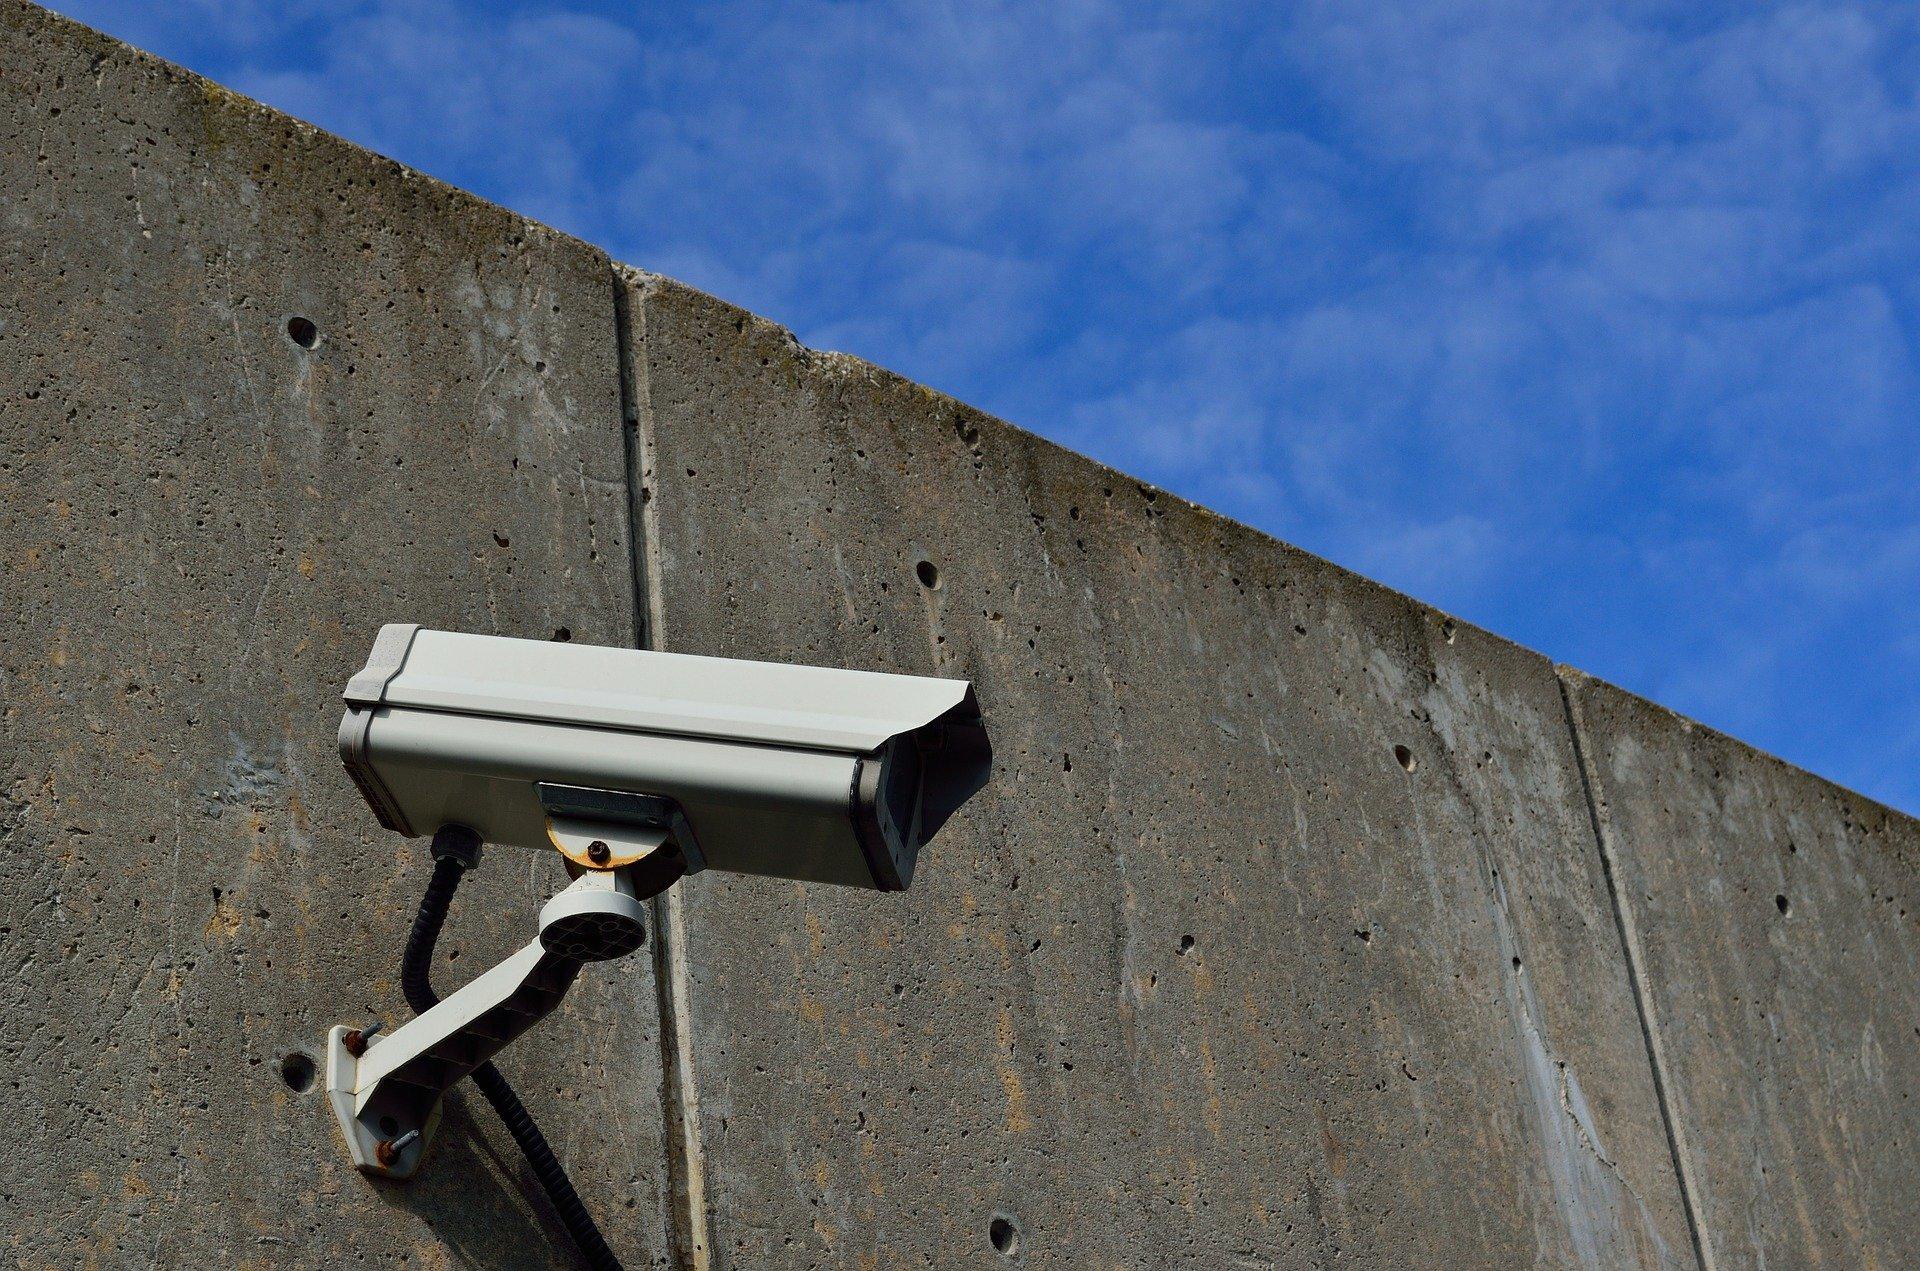 Immagine per Palestra più sicura a Mariano, installate nuove telecamere e il portone si chiuderà la notte